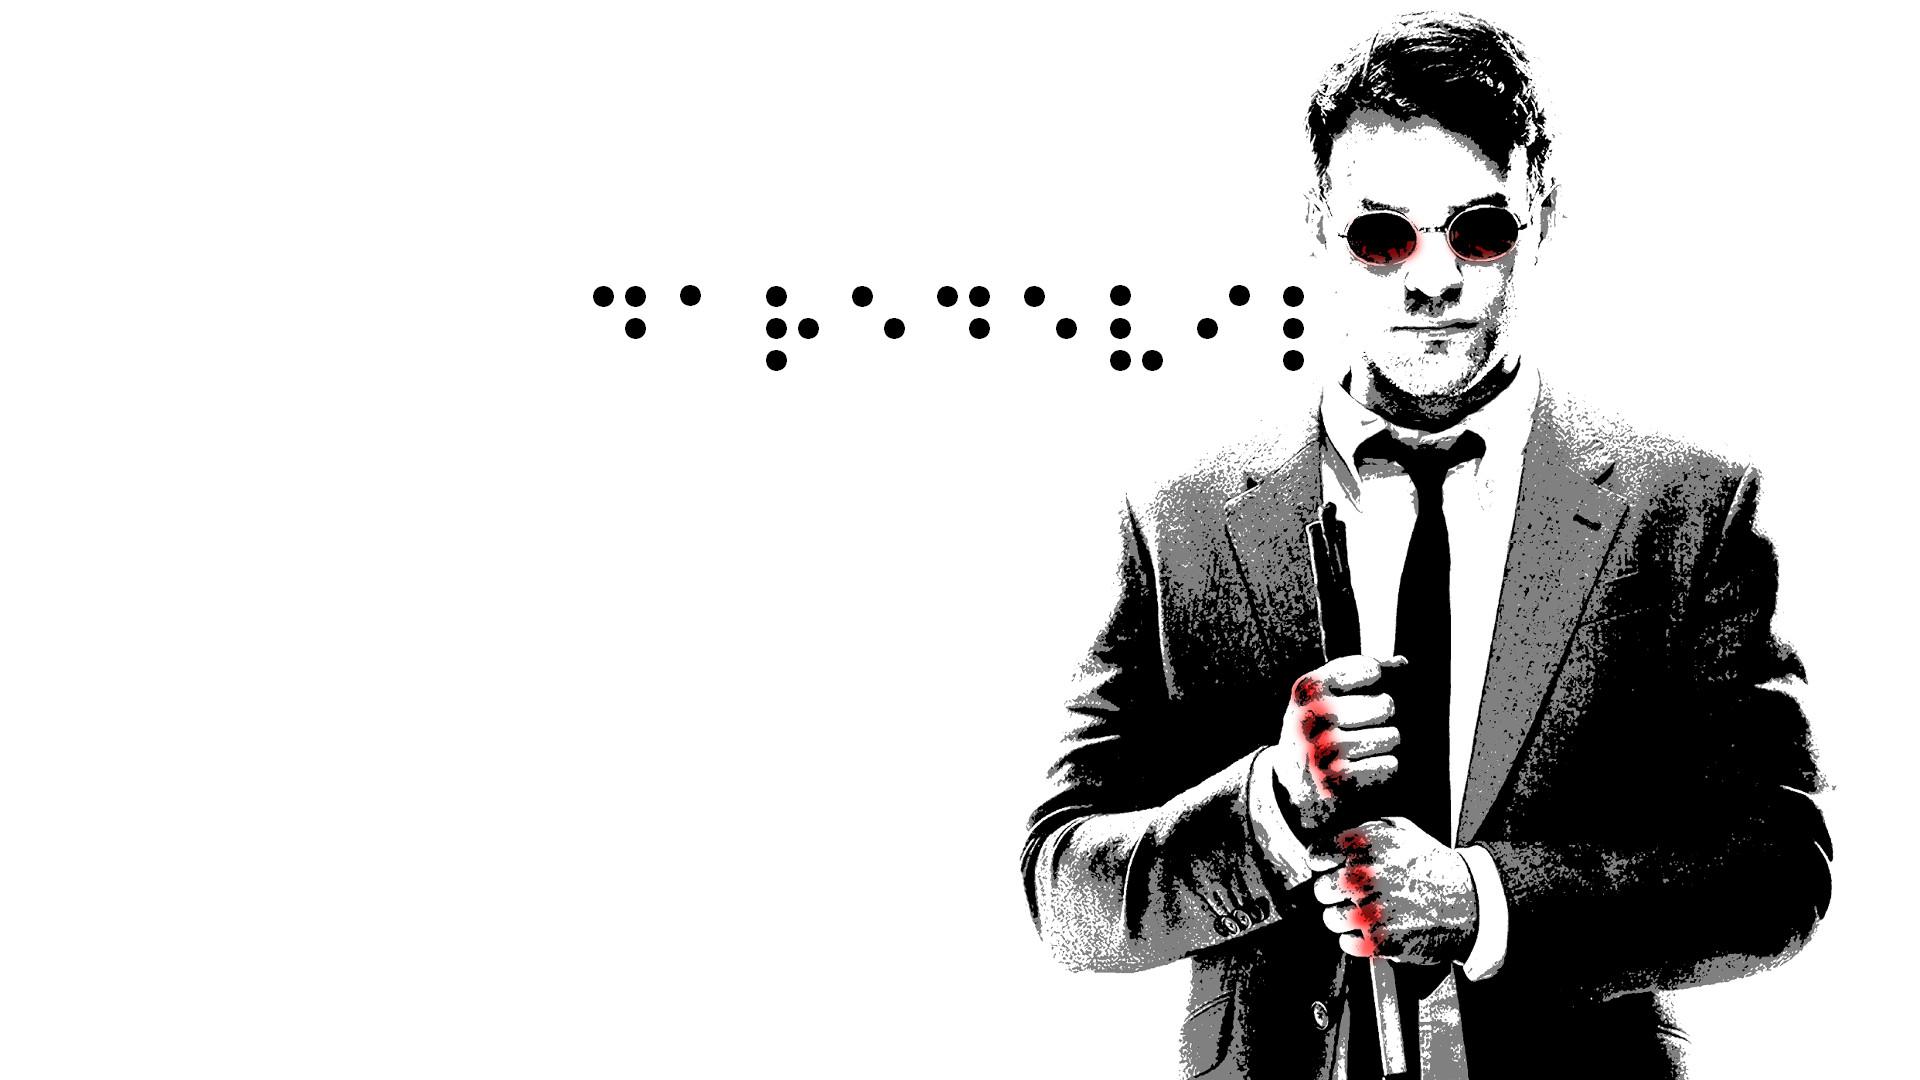 <b>Netflix Daredevil Wallpaper</b> – Imgur